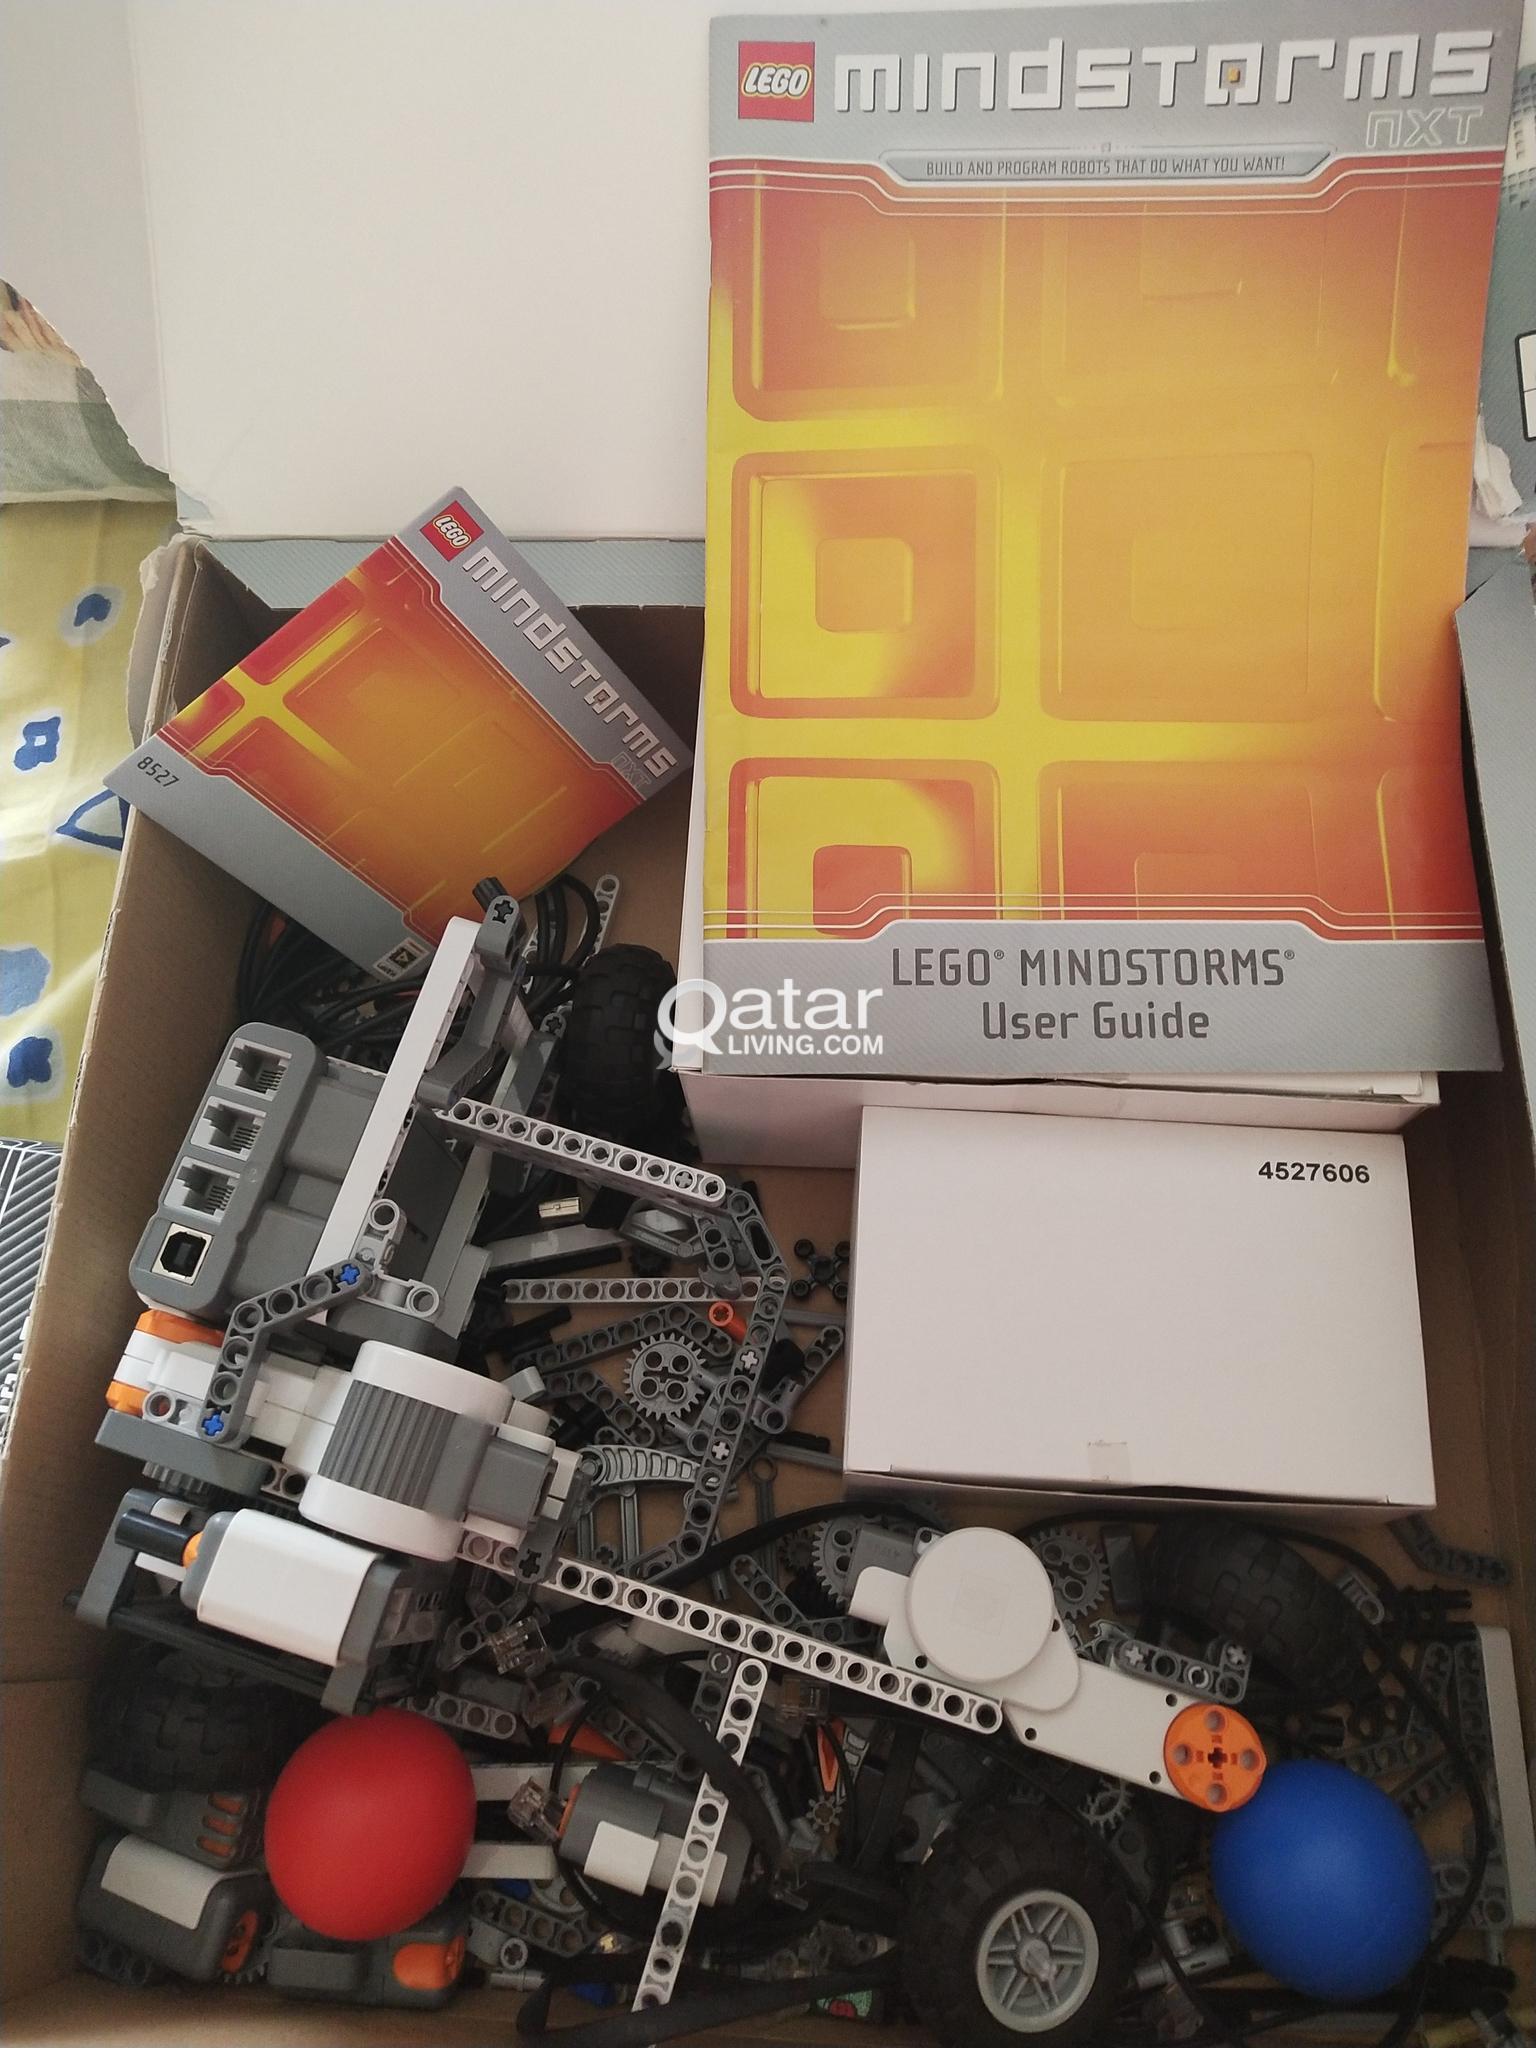 Lego Mindstorm NXT 8527  Kit in box    Qatar Living